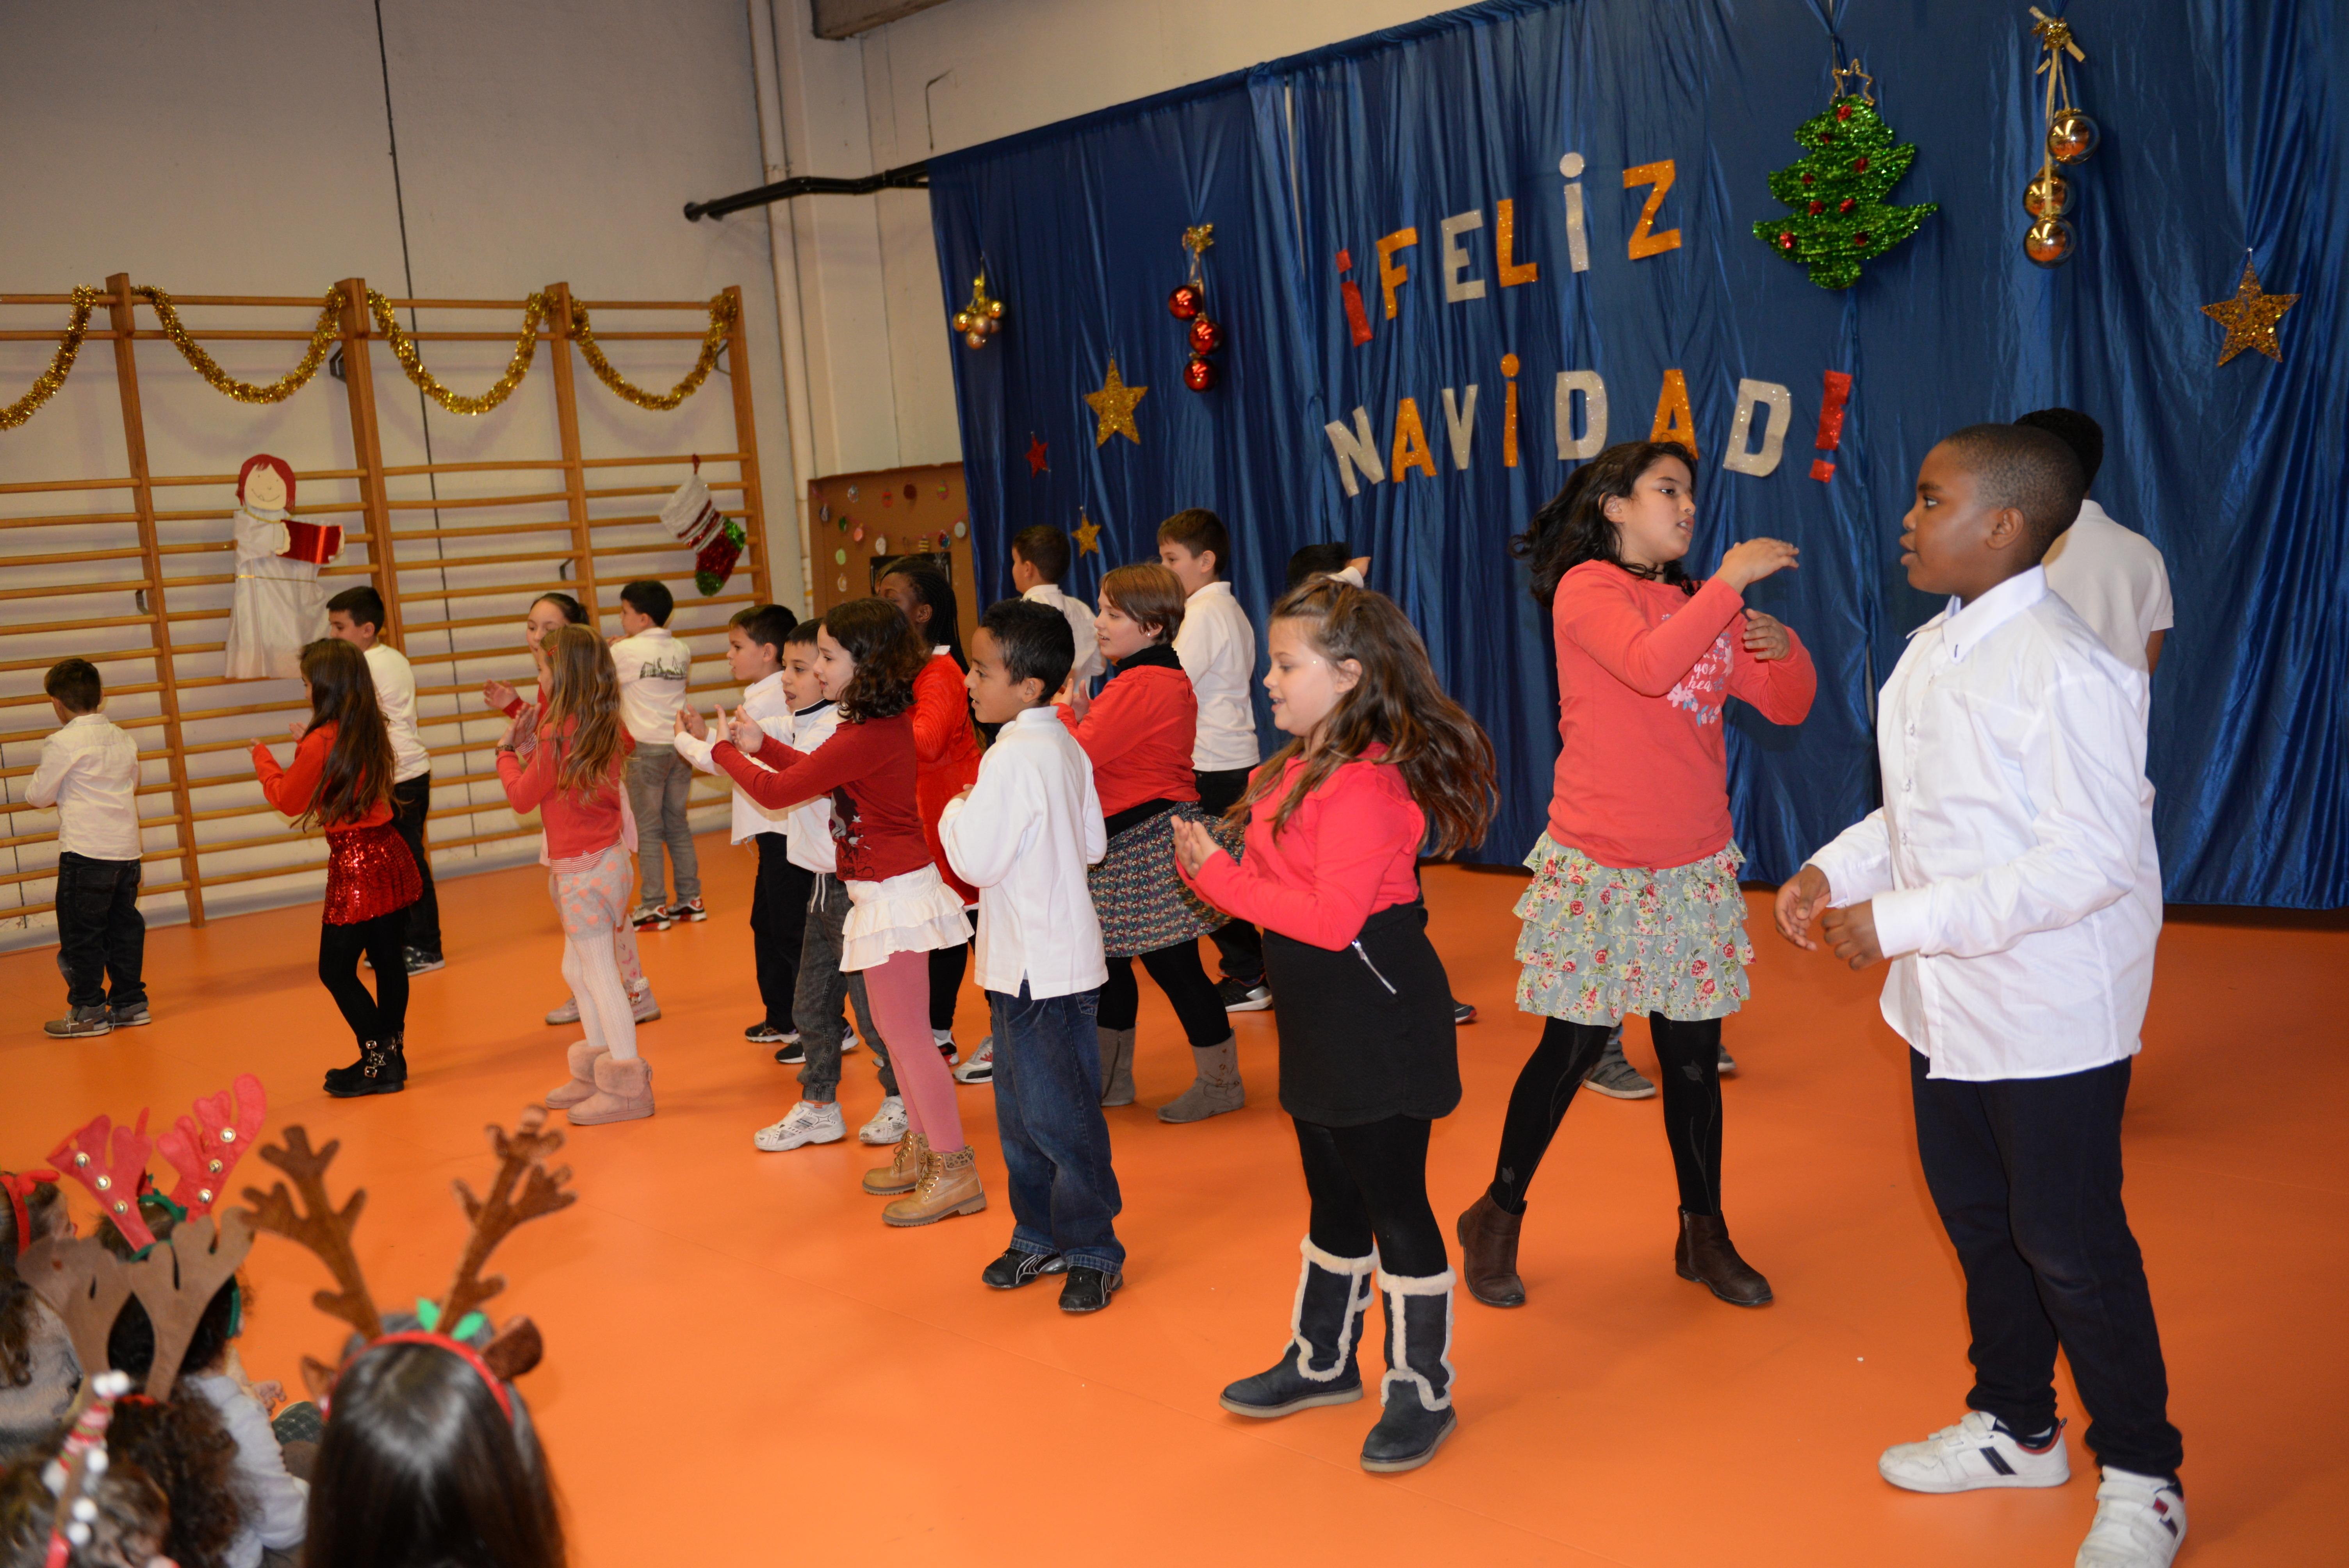 Festival de Navidad 4 17